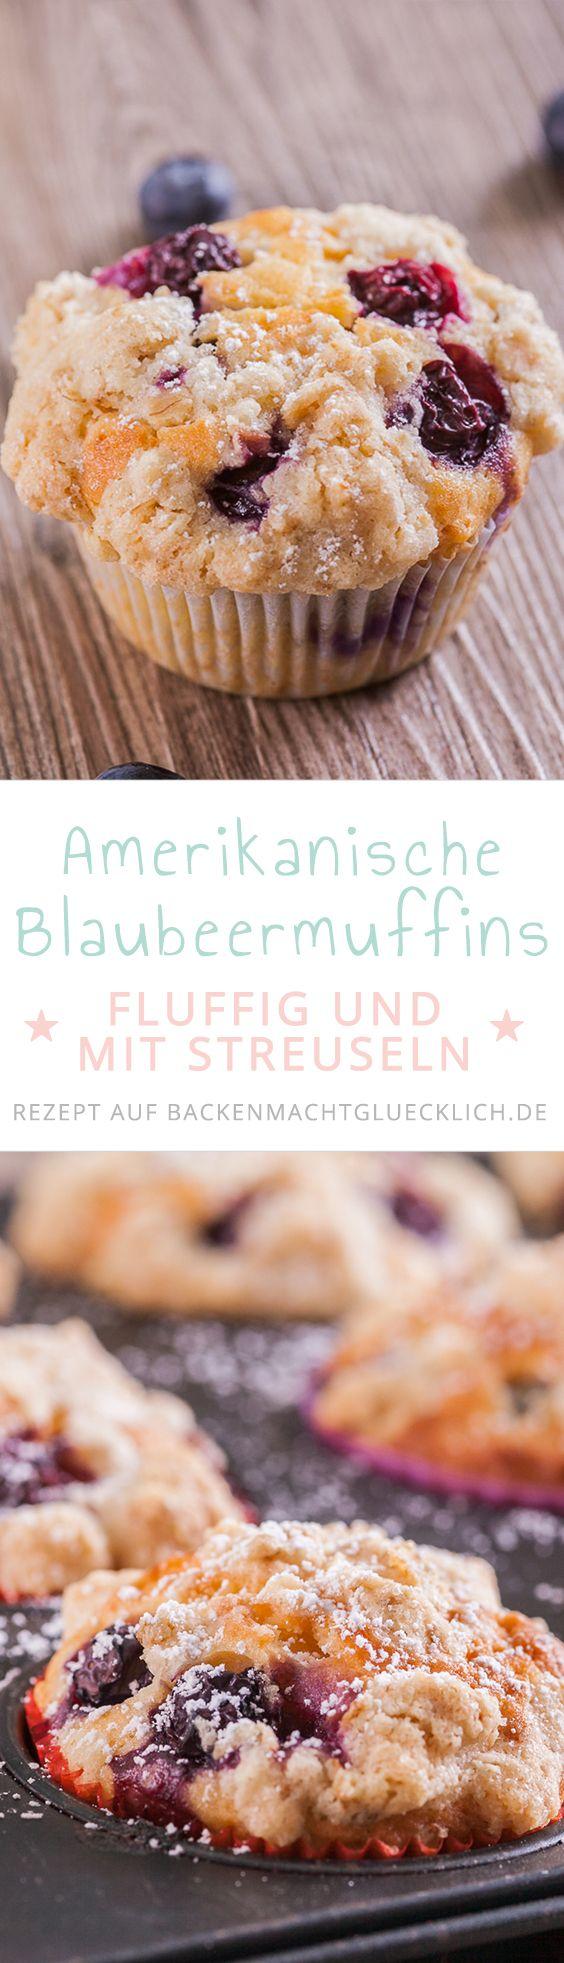 Amerikanische Blaubeer-Muffins mit Haferflockenstreuseln. Die Blueberry Muffins sind super einfach zu machen, fluffig und locker. Das liegt auch an der Buttermilch im Heidelbeermuffins-Rezept.